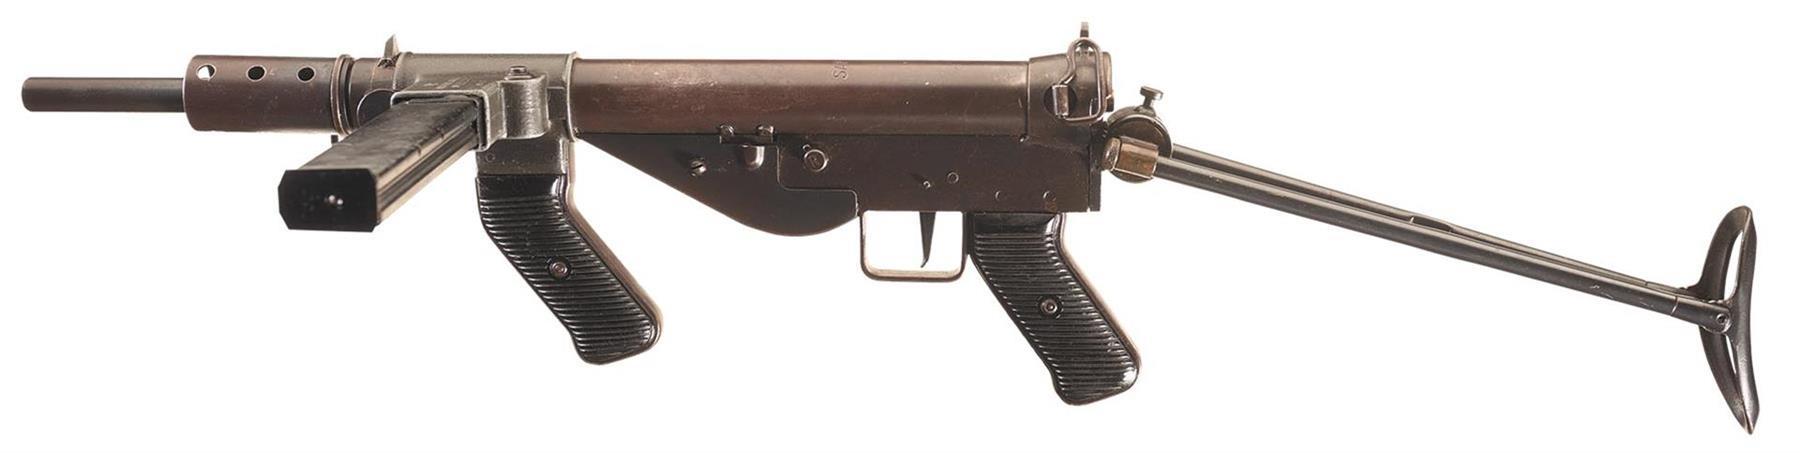 Пистолеты-пулеметы 2 мировой. Великобритания и доминионы.